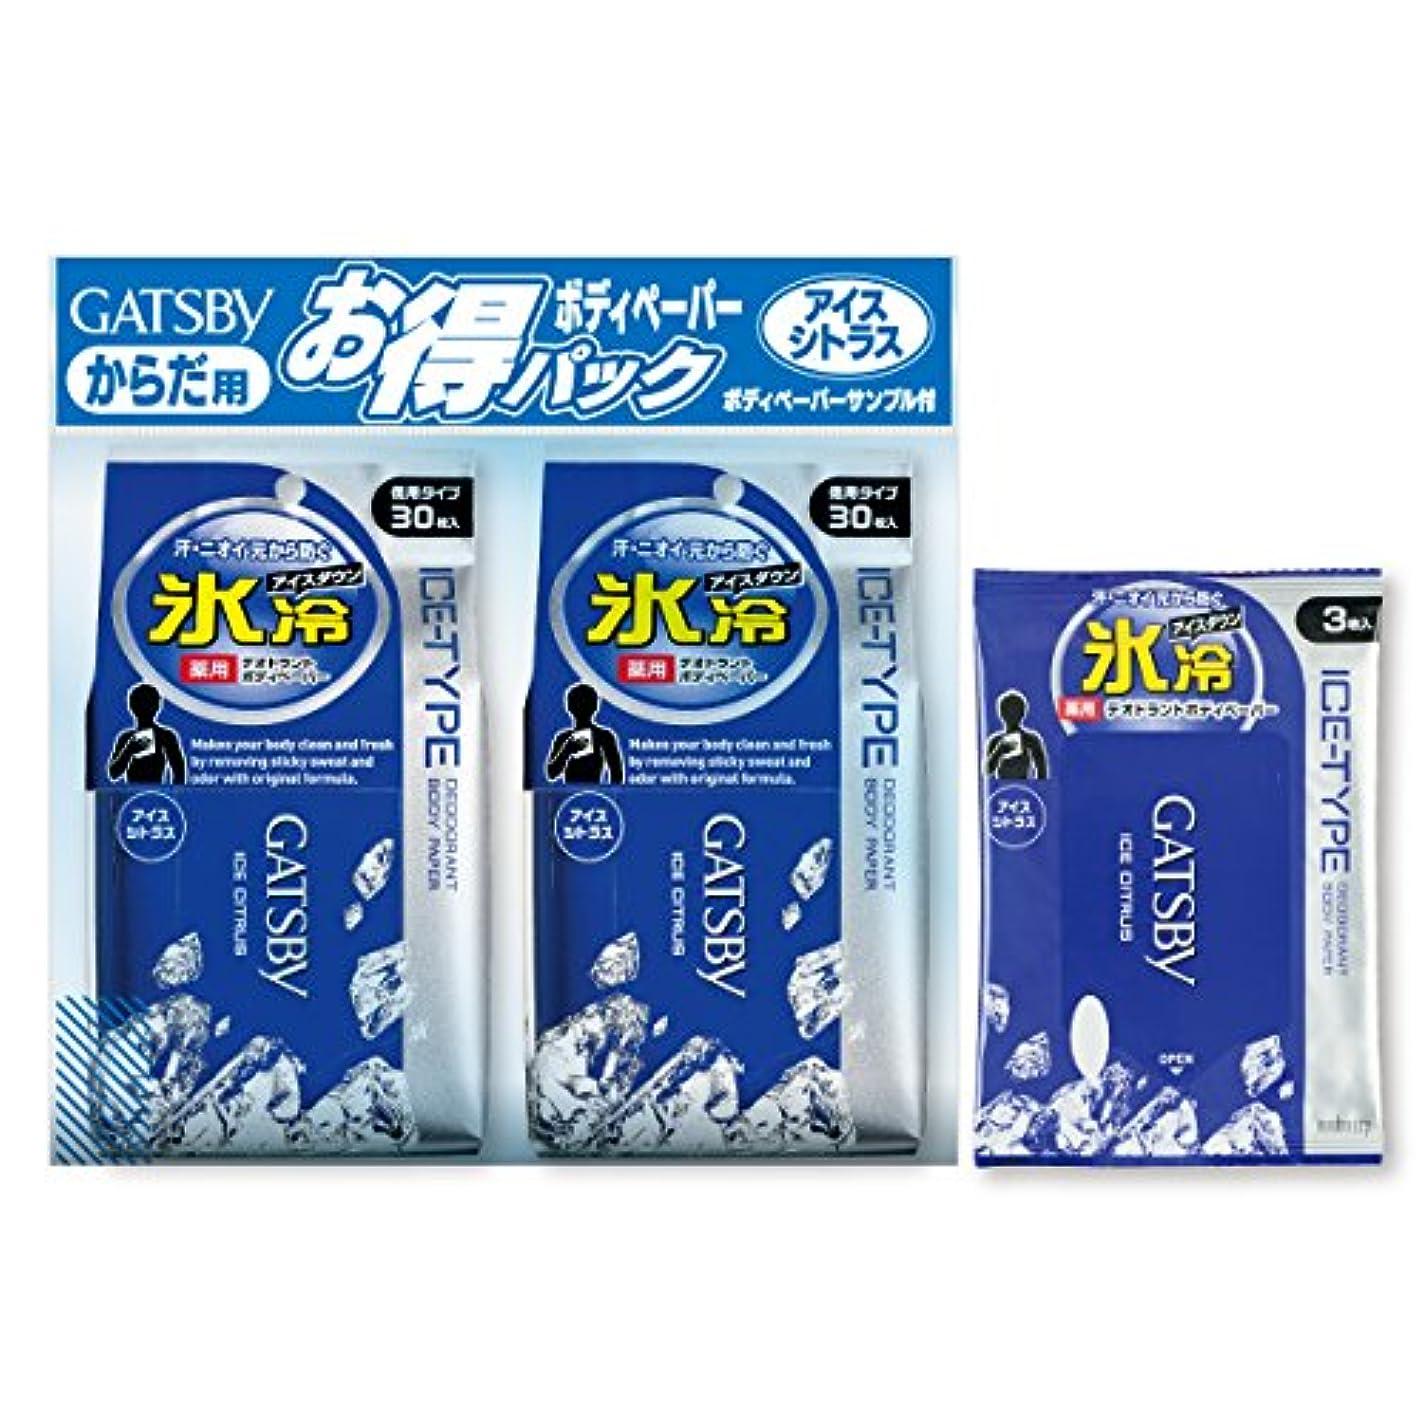 ゴールしなやかな終わらせる【まとめ買い】GATSBY (ギャツビー) ボディペーパー アイスシトラス徳用30枚×2個パックサンプル付(医薬部外品)